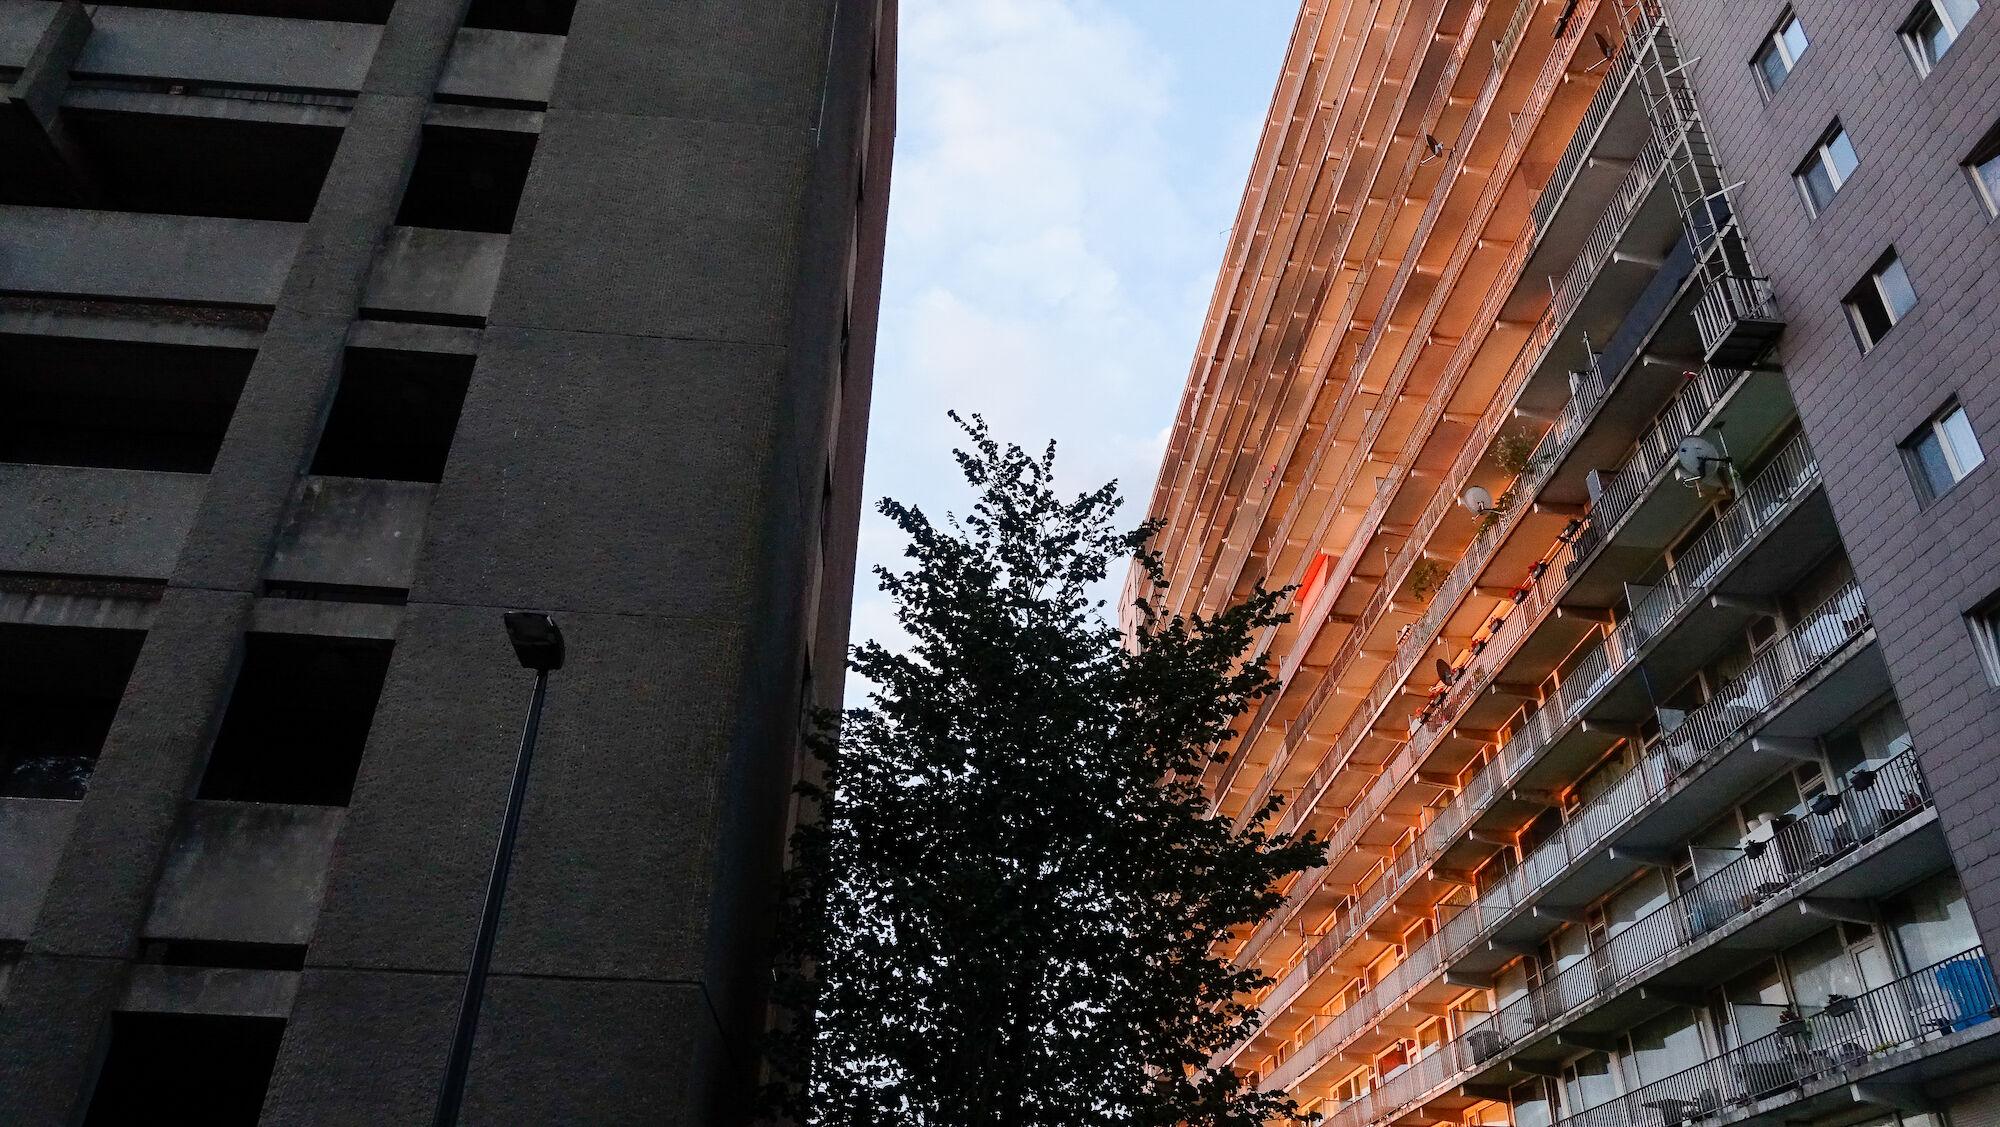 2020-09-02 Wijk 10 Afrikalaan Scandinaviestraat Appartementen_DSC0907.jpg